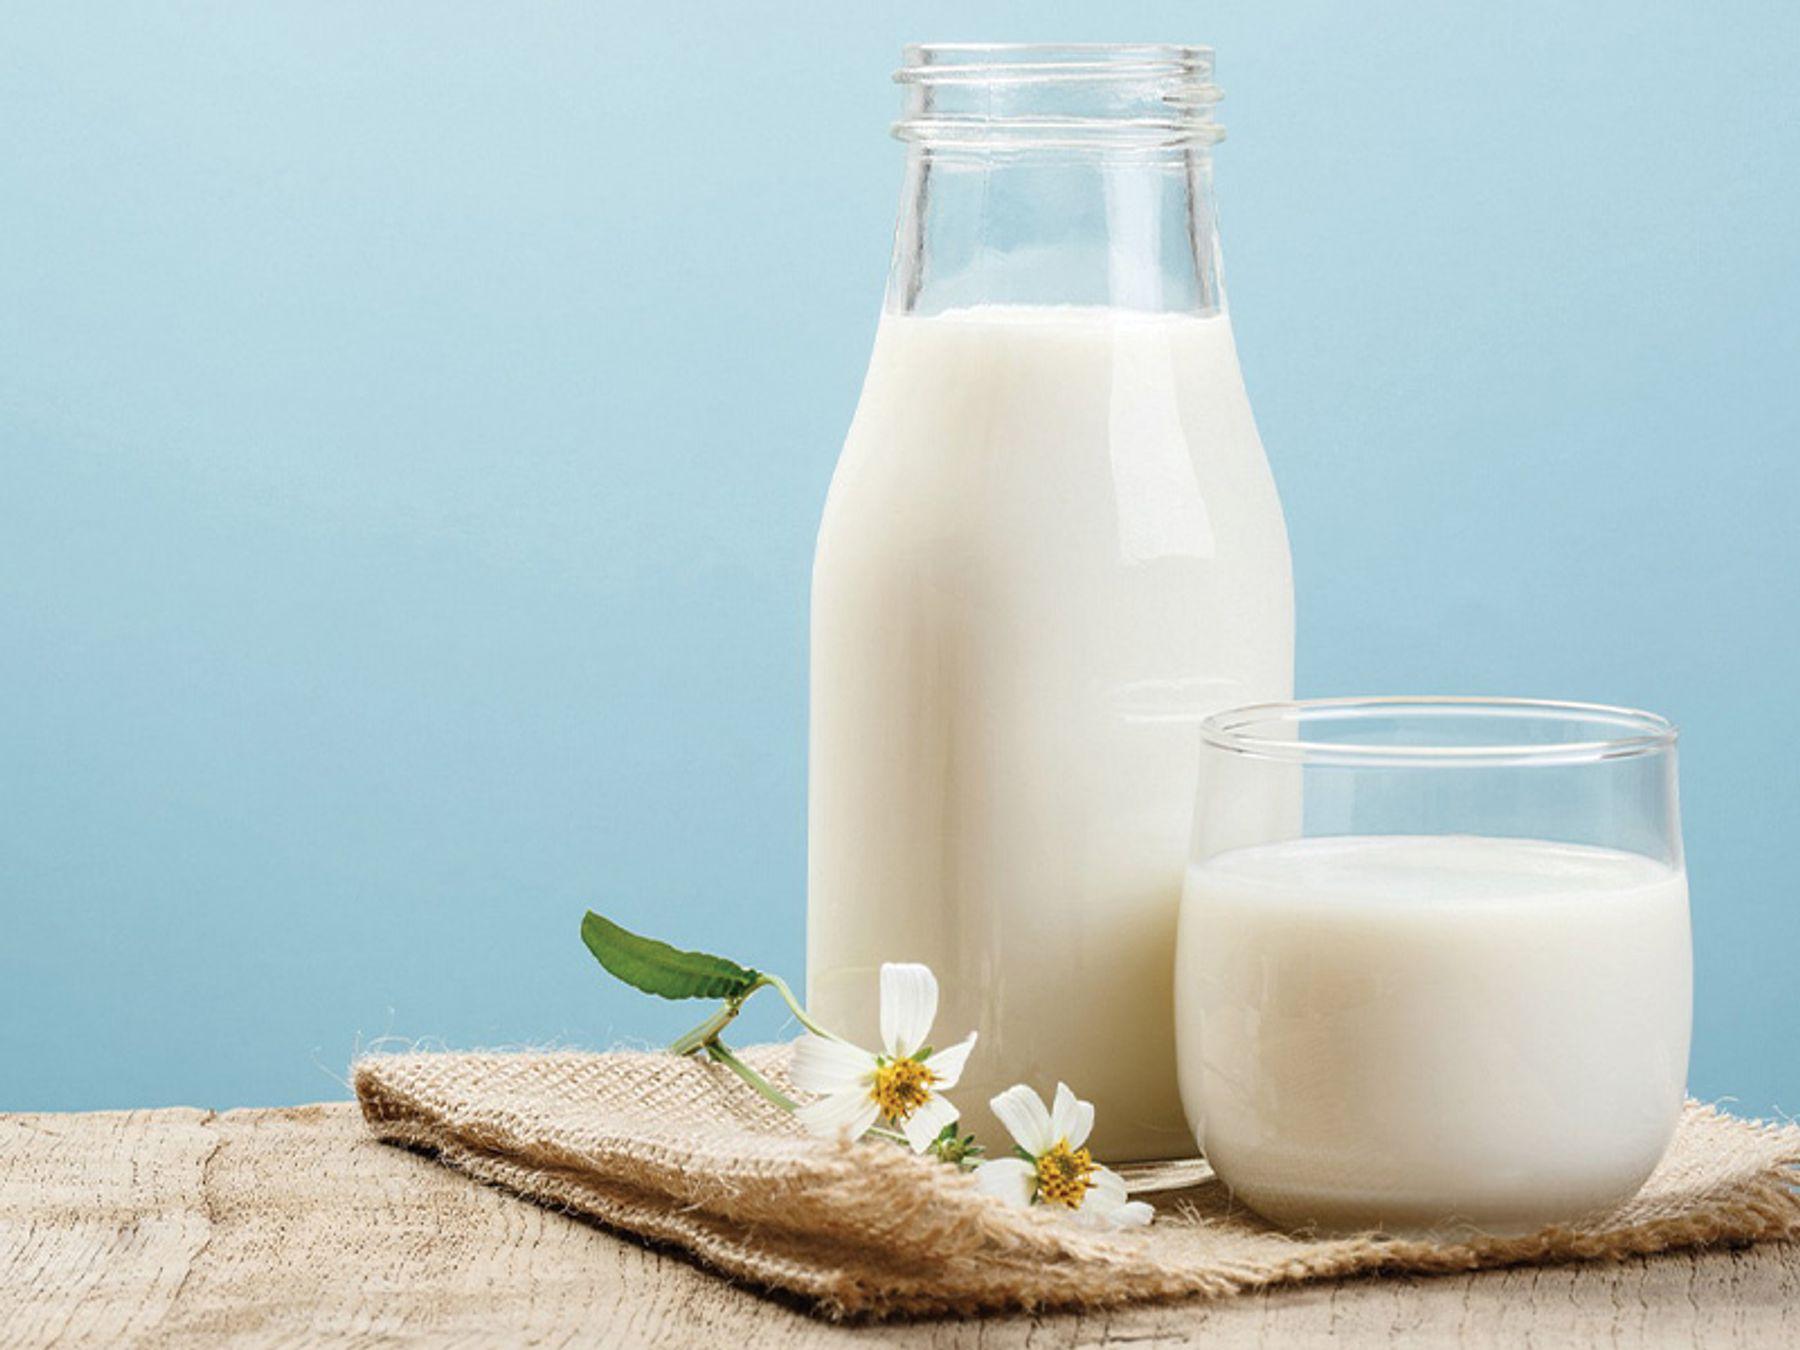 Cách tẩy vết mực trên áo bằng sữa tươi không đường